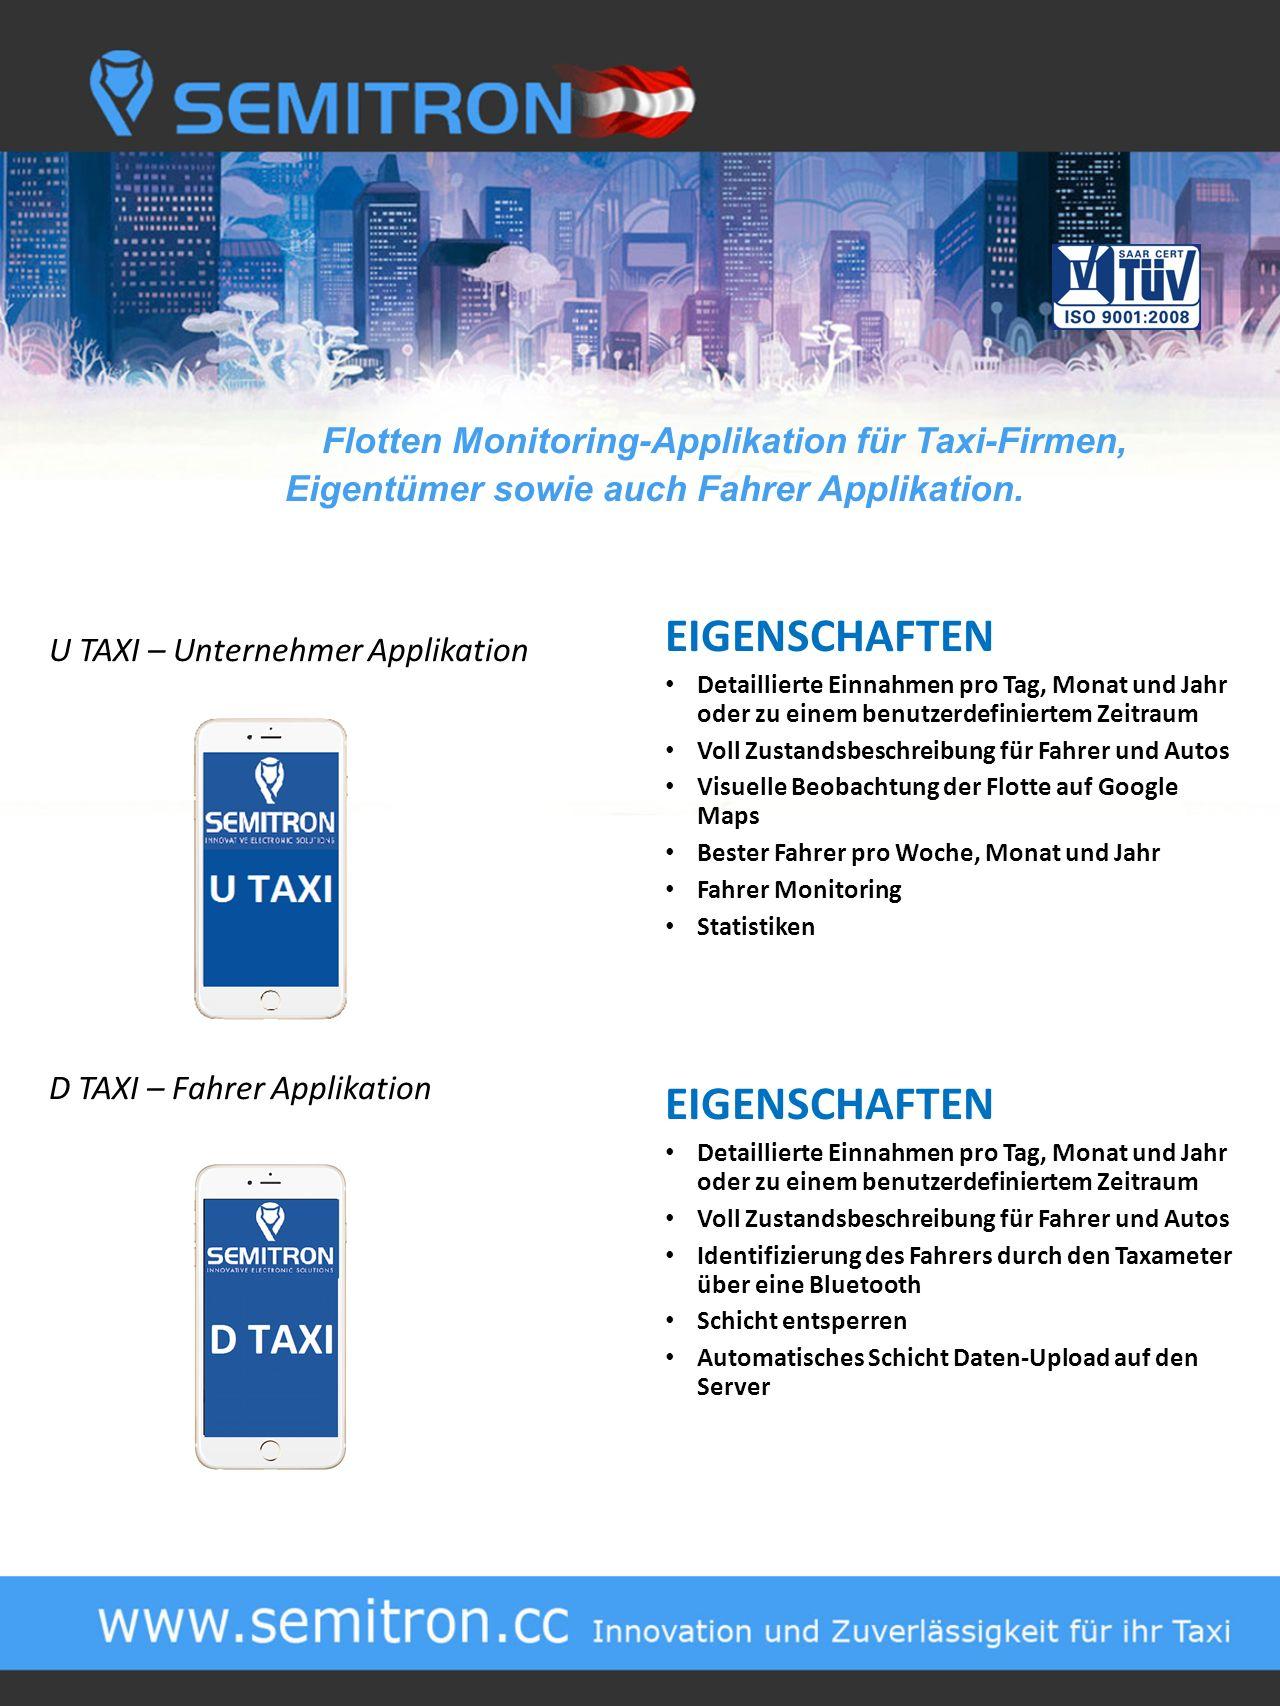 Flotten Monitoring-Applikation für Taxi-Firmen, Eigentümer sowie auch Fahrer Applikation.